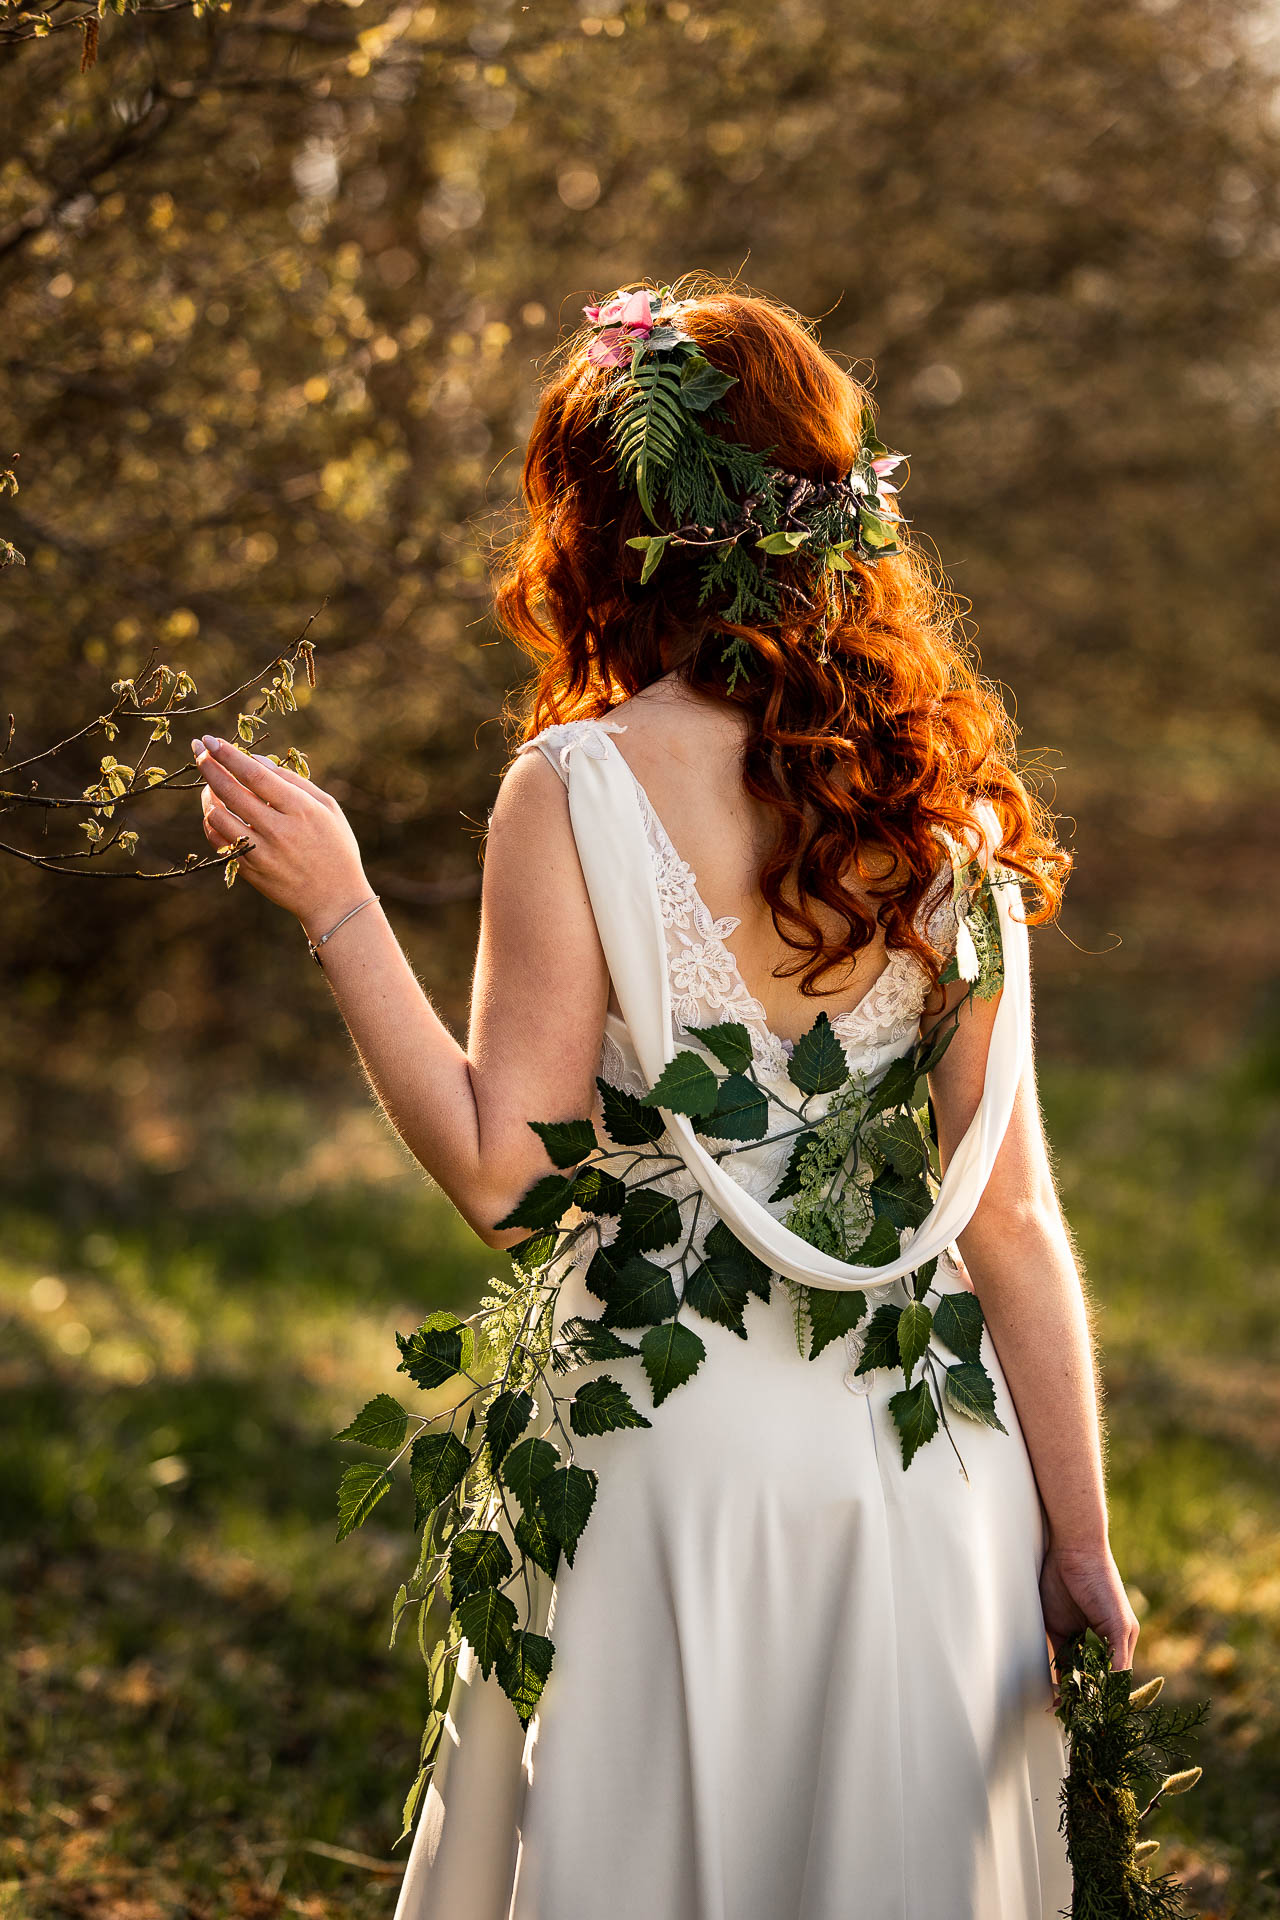 Patrzy na rozwijające się drzewa i dotyka je ręką jak na sesja sensualna.